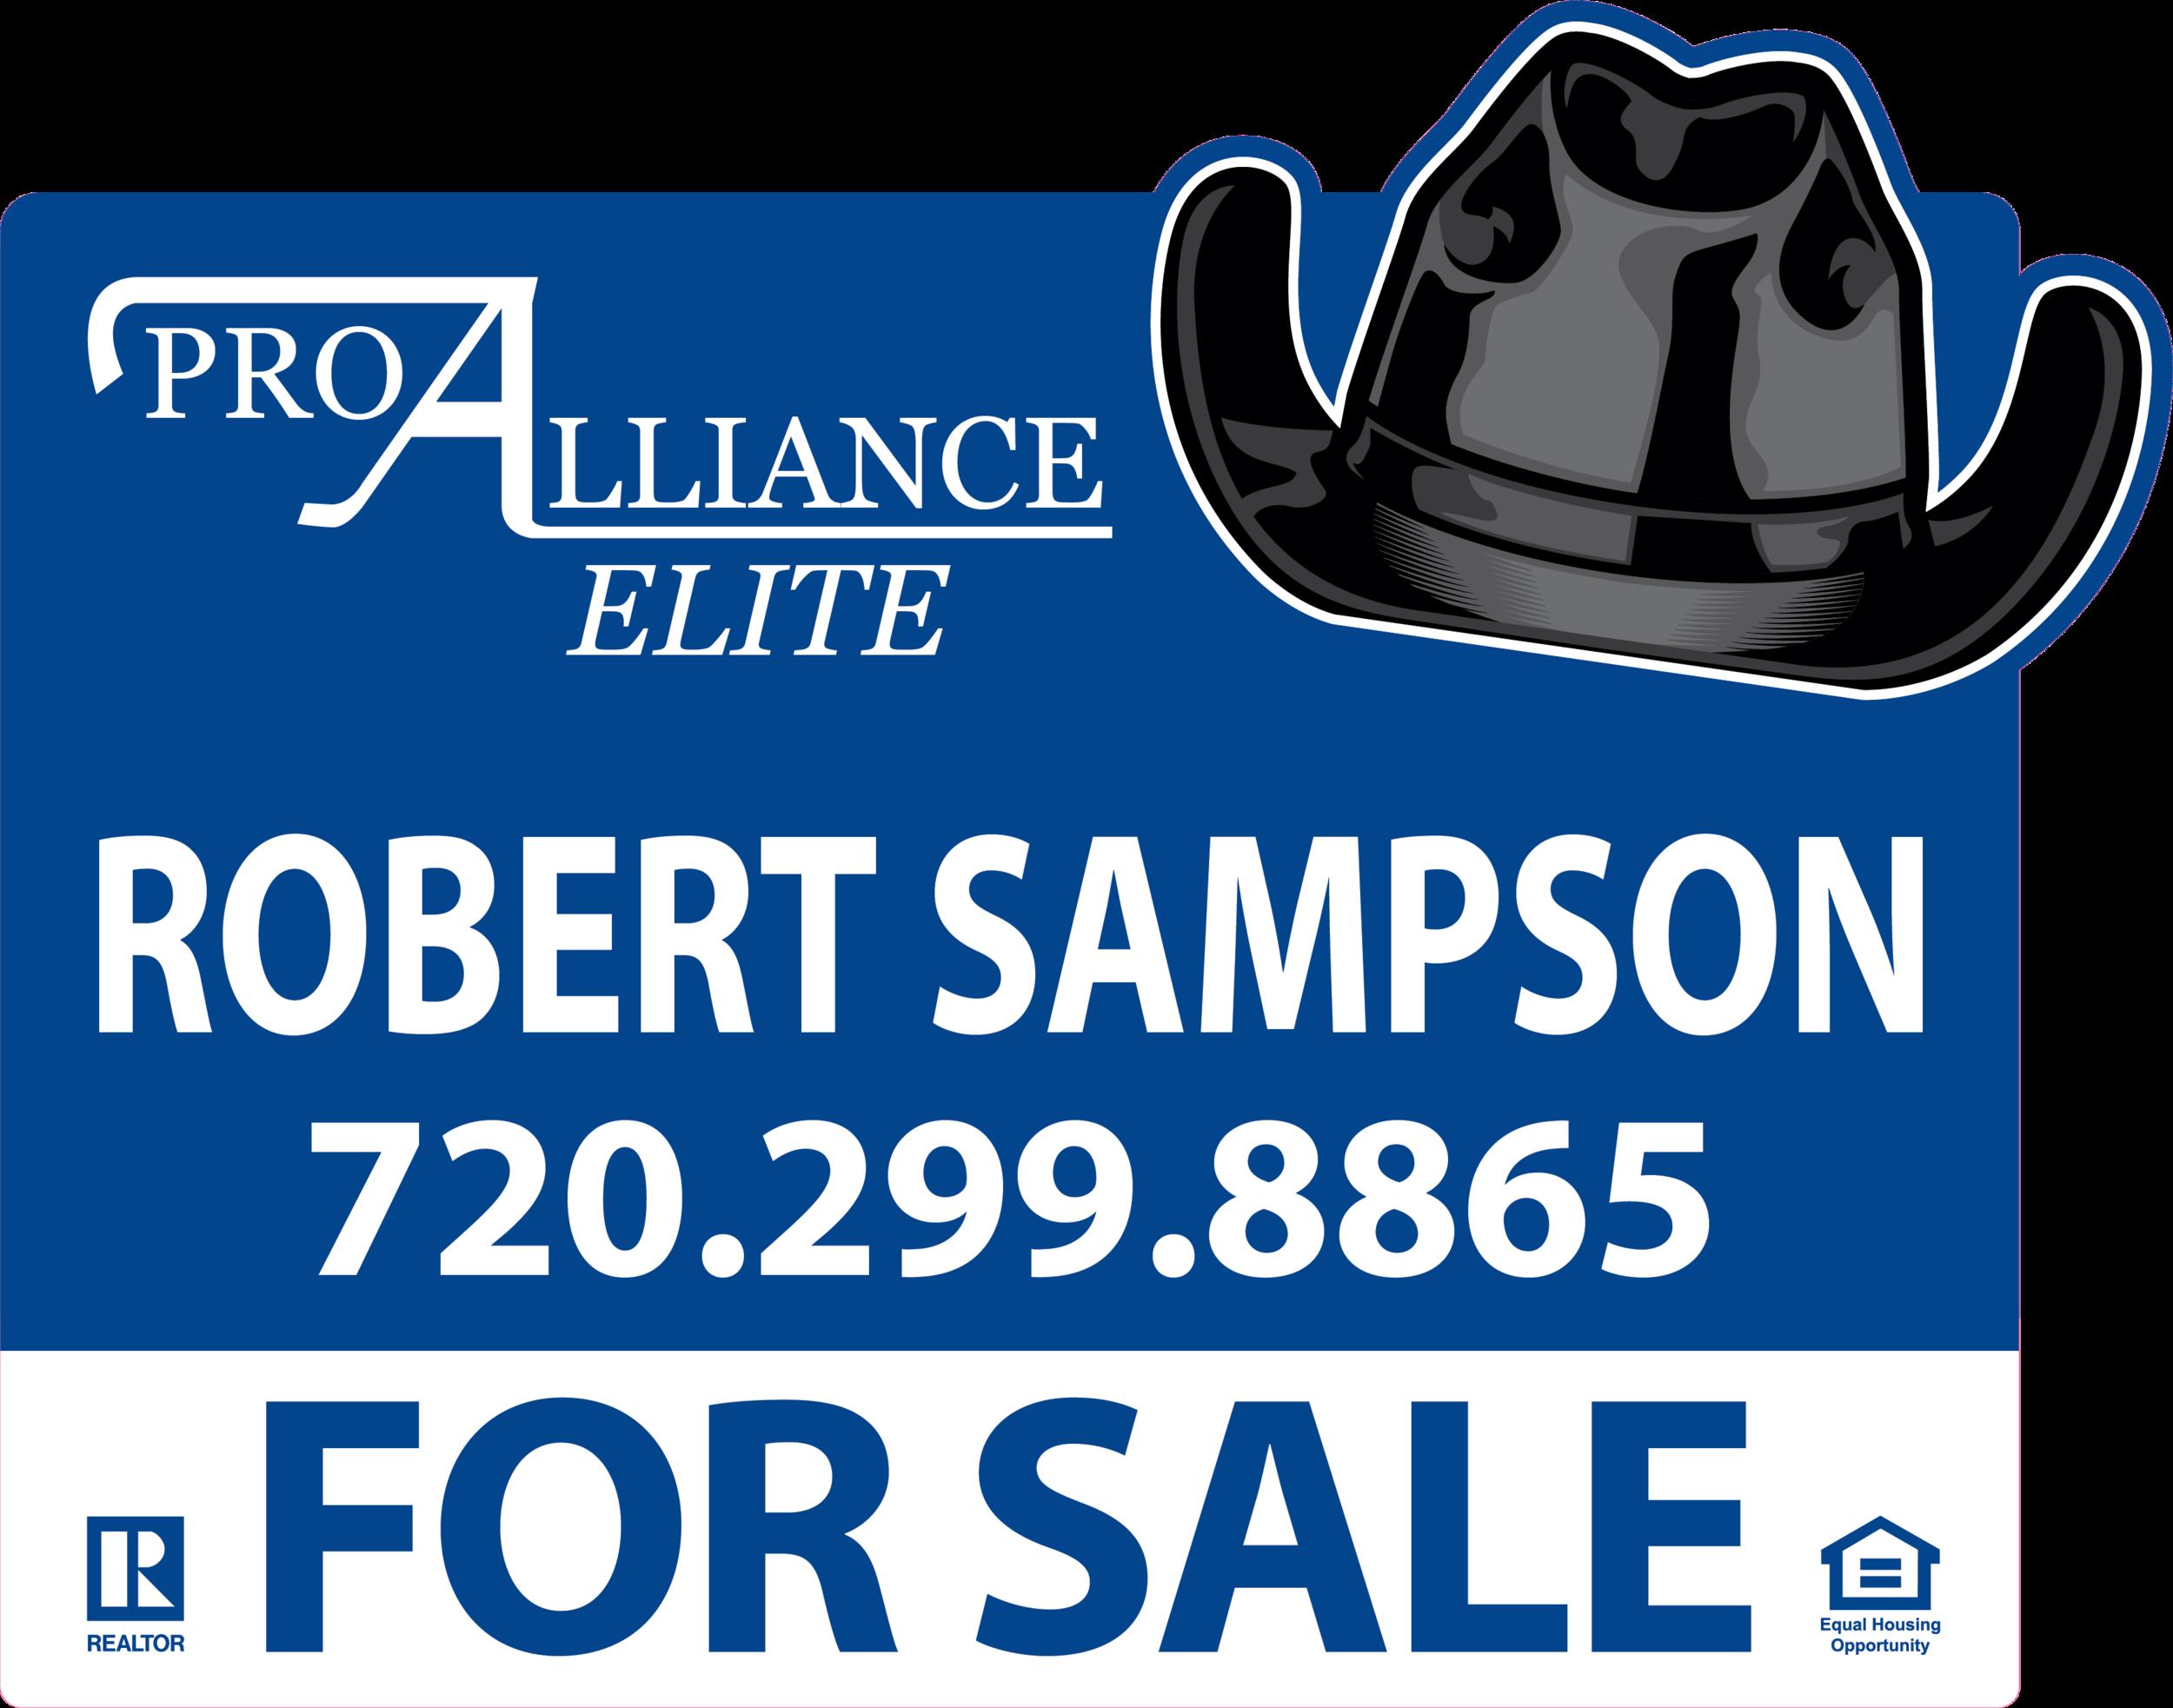 Pro Alliance Elite Robert Sampson COWBOY HAT SIGN rev1 05-29-19-01.png